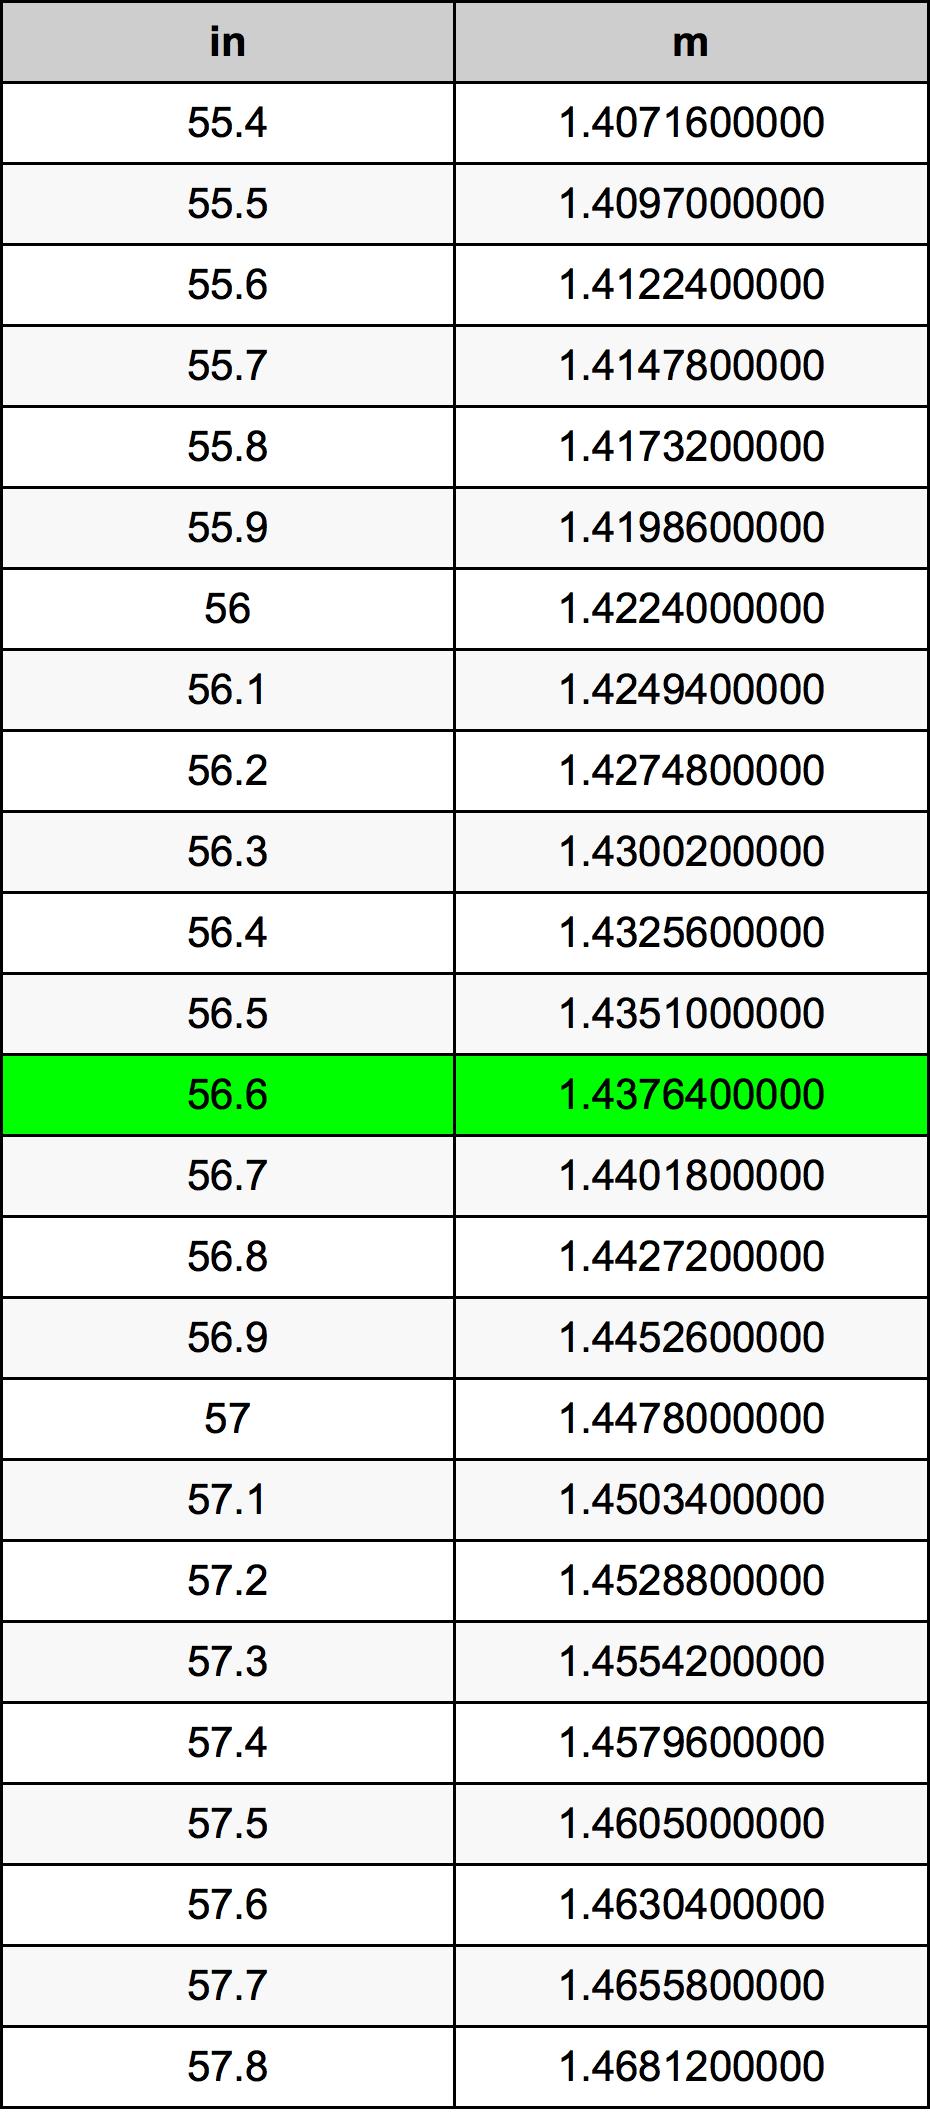 56.6 Țol tabelul de conversie